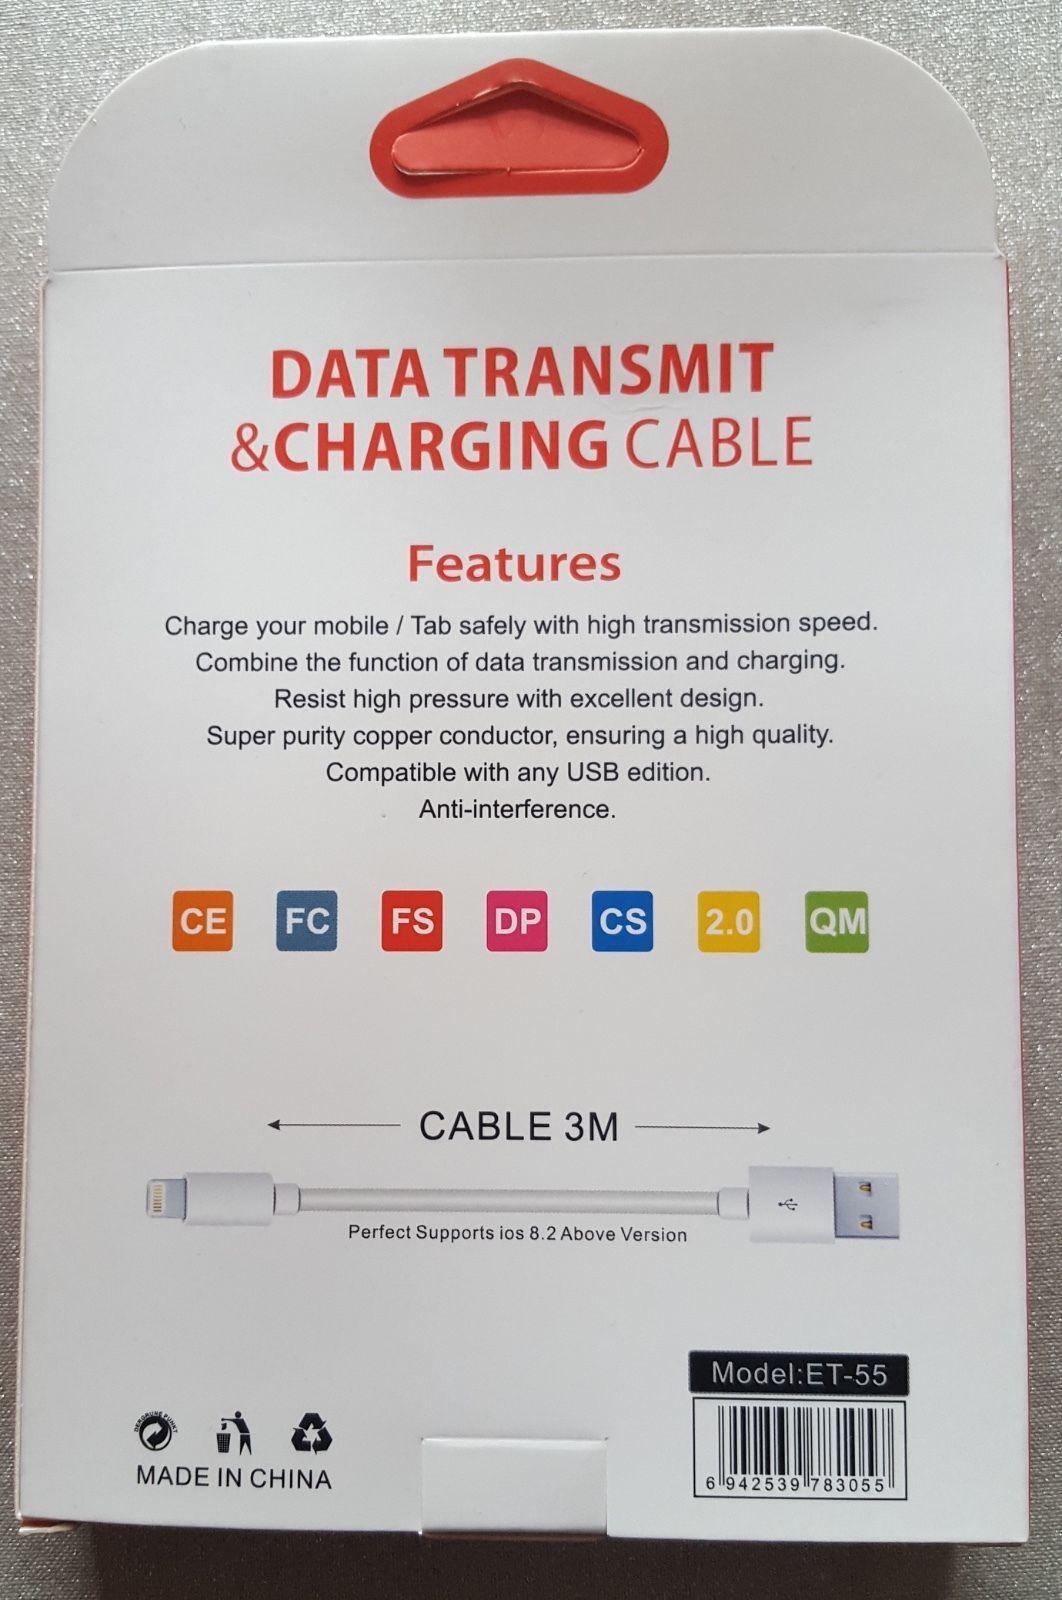 3 Mètres 3M Rapide Câble Données USB chargeur pour Samsung S4 5 6 7 Sony HTC LG